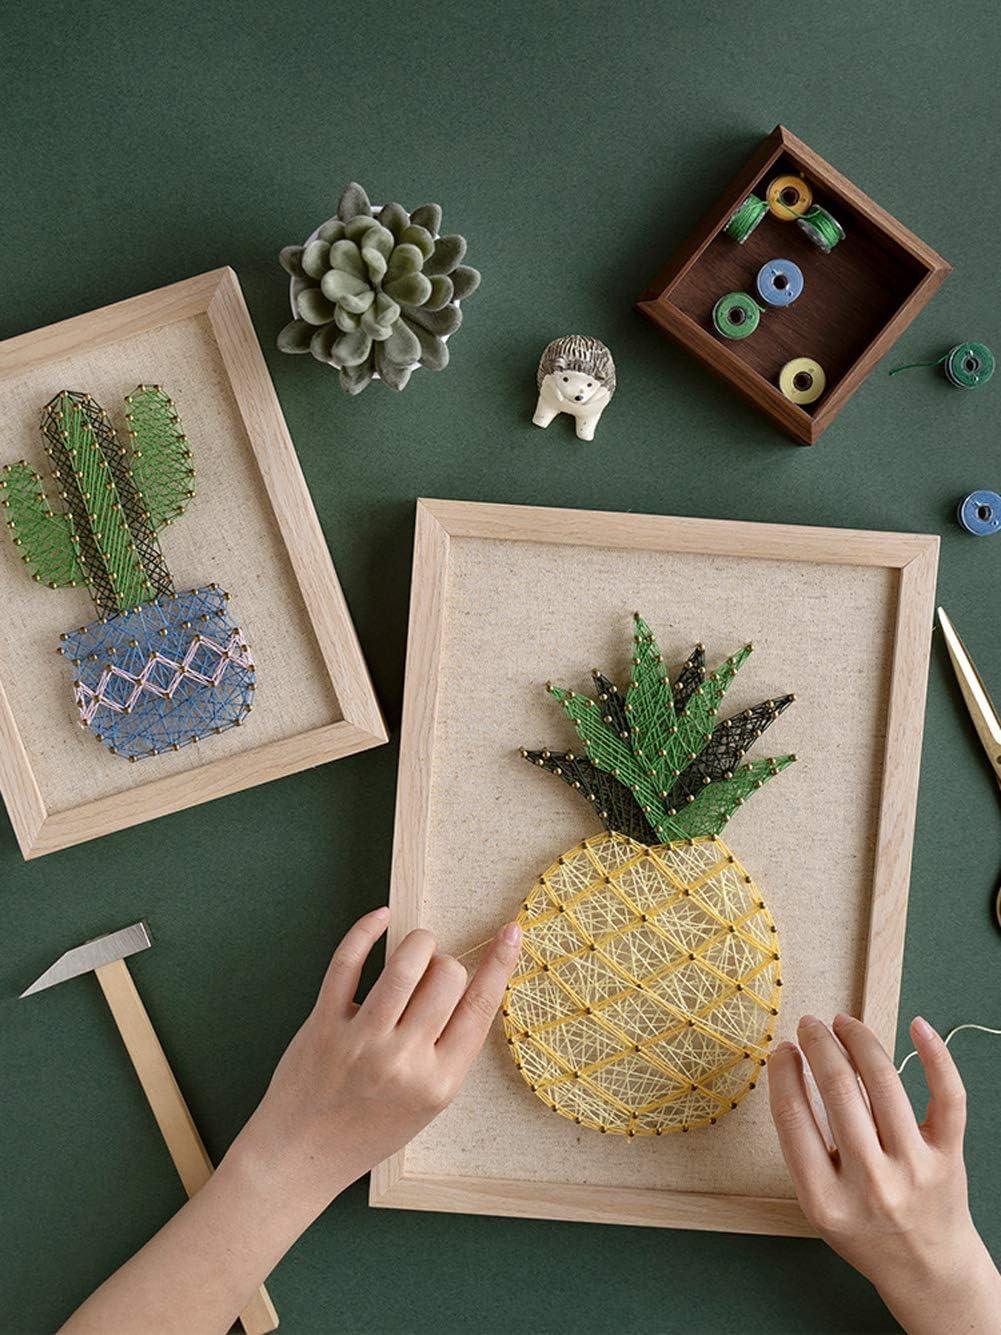 RM Studio String Art con Todos los Accesorios necesarios y Marco para niños Estudiantes, Kit de Manualidades para Adultos, decoración de Pared para el hogar